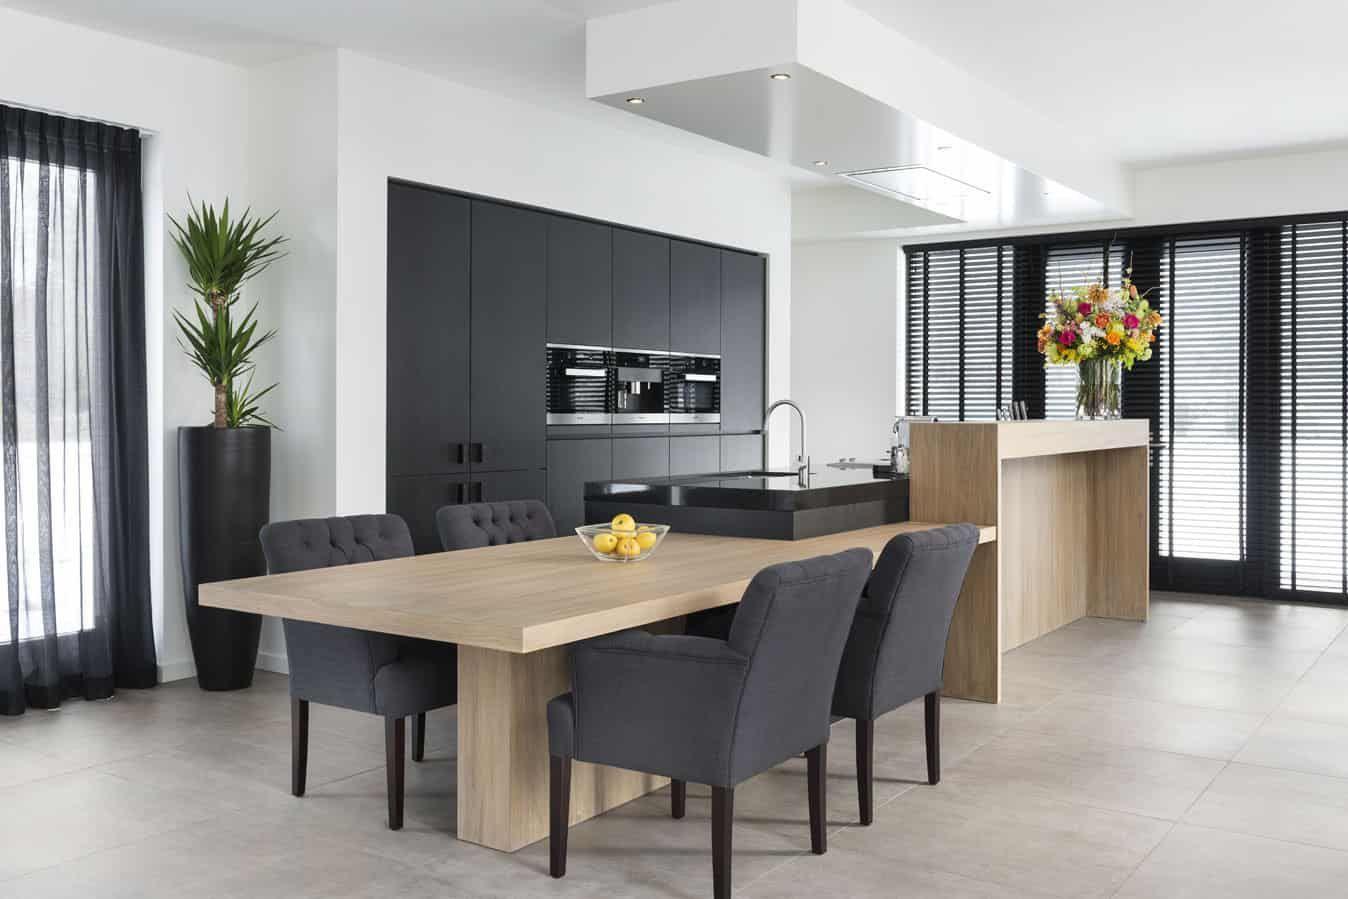 Keuken Design Moderne : Moderne keuken met bar g bildepunkter nytt hus